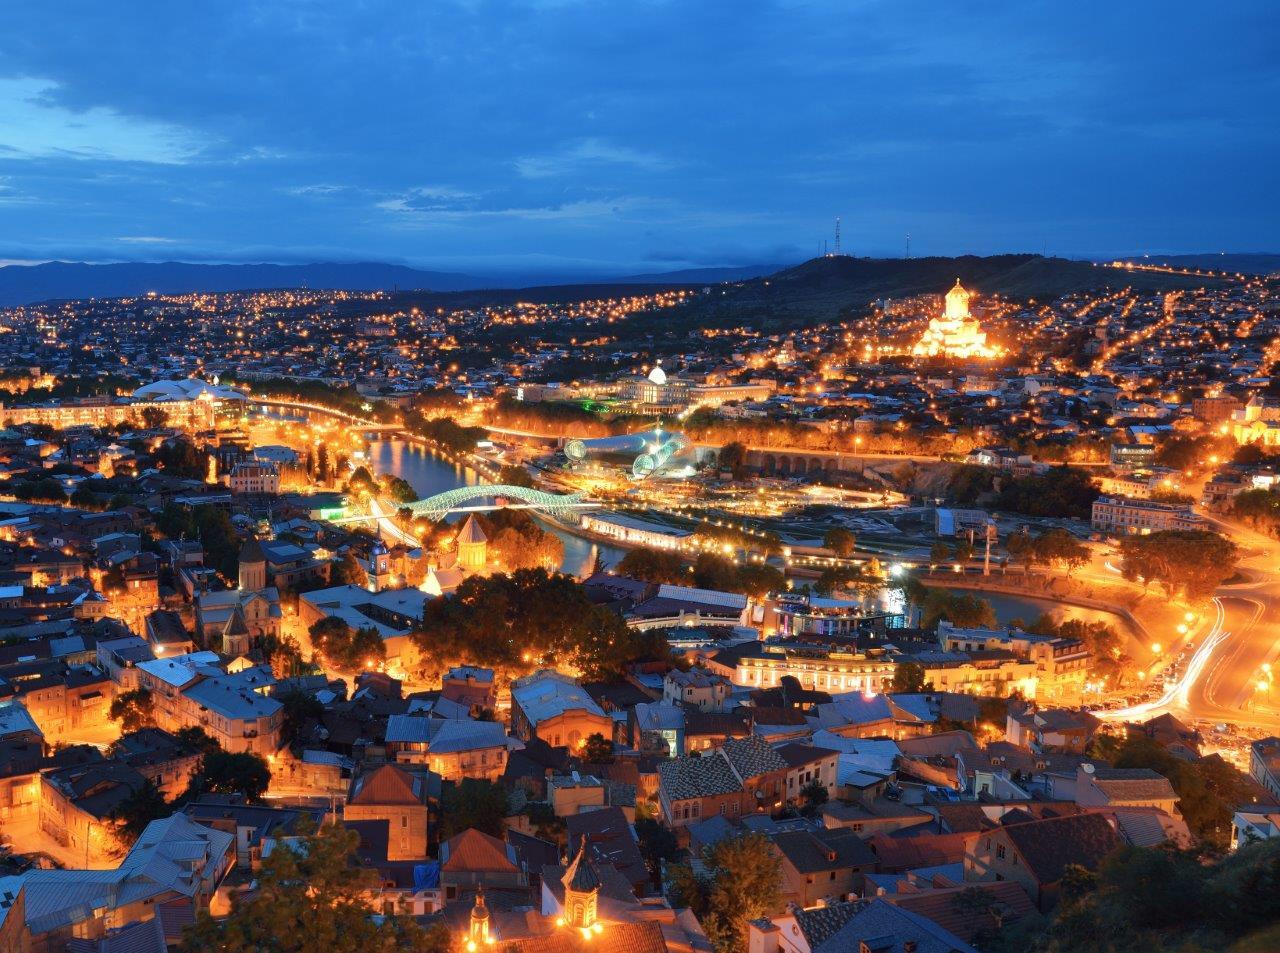 Купить электронные авиабилеты Киев-Тбилиси